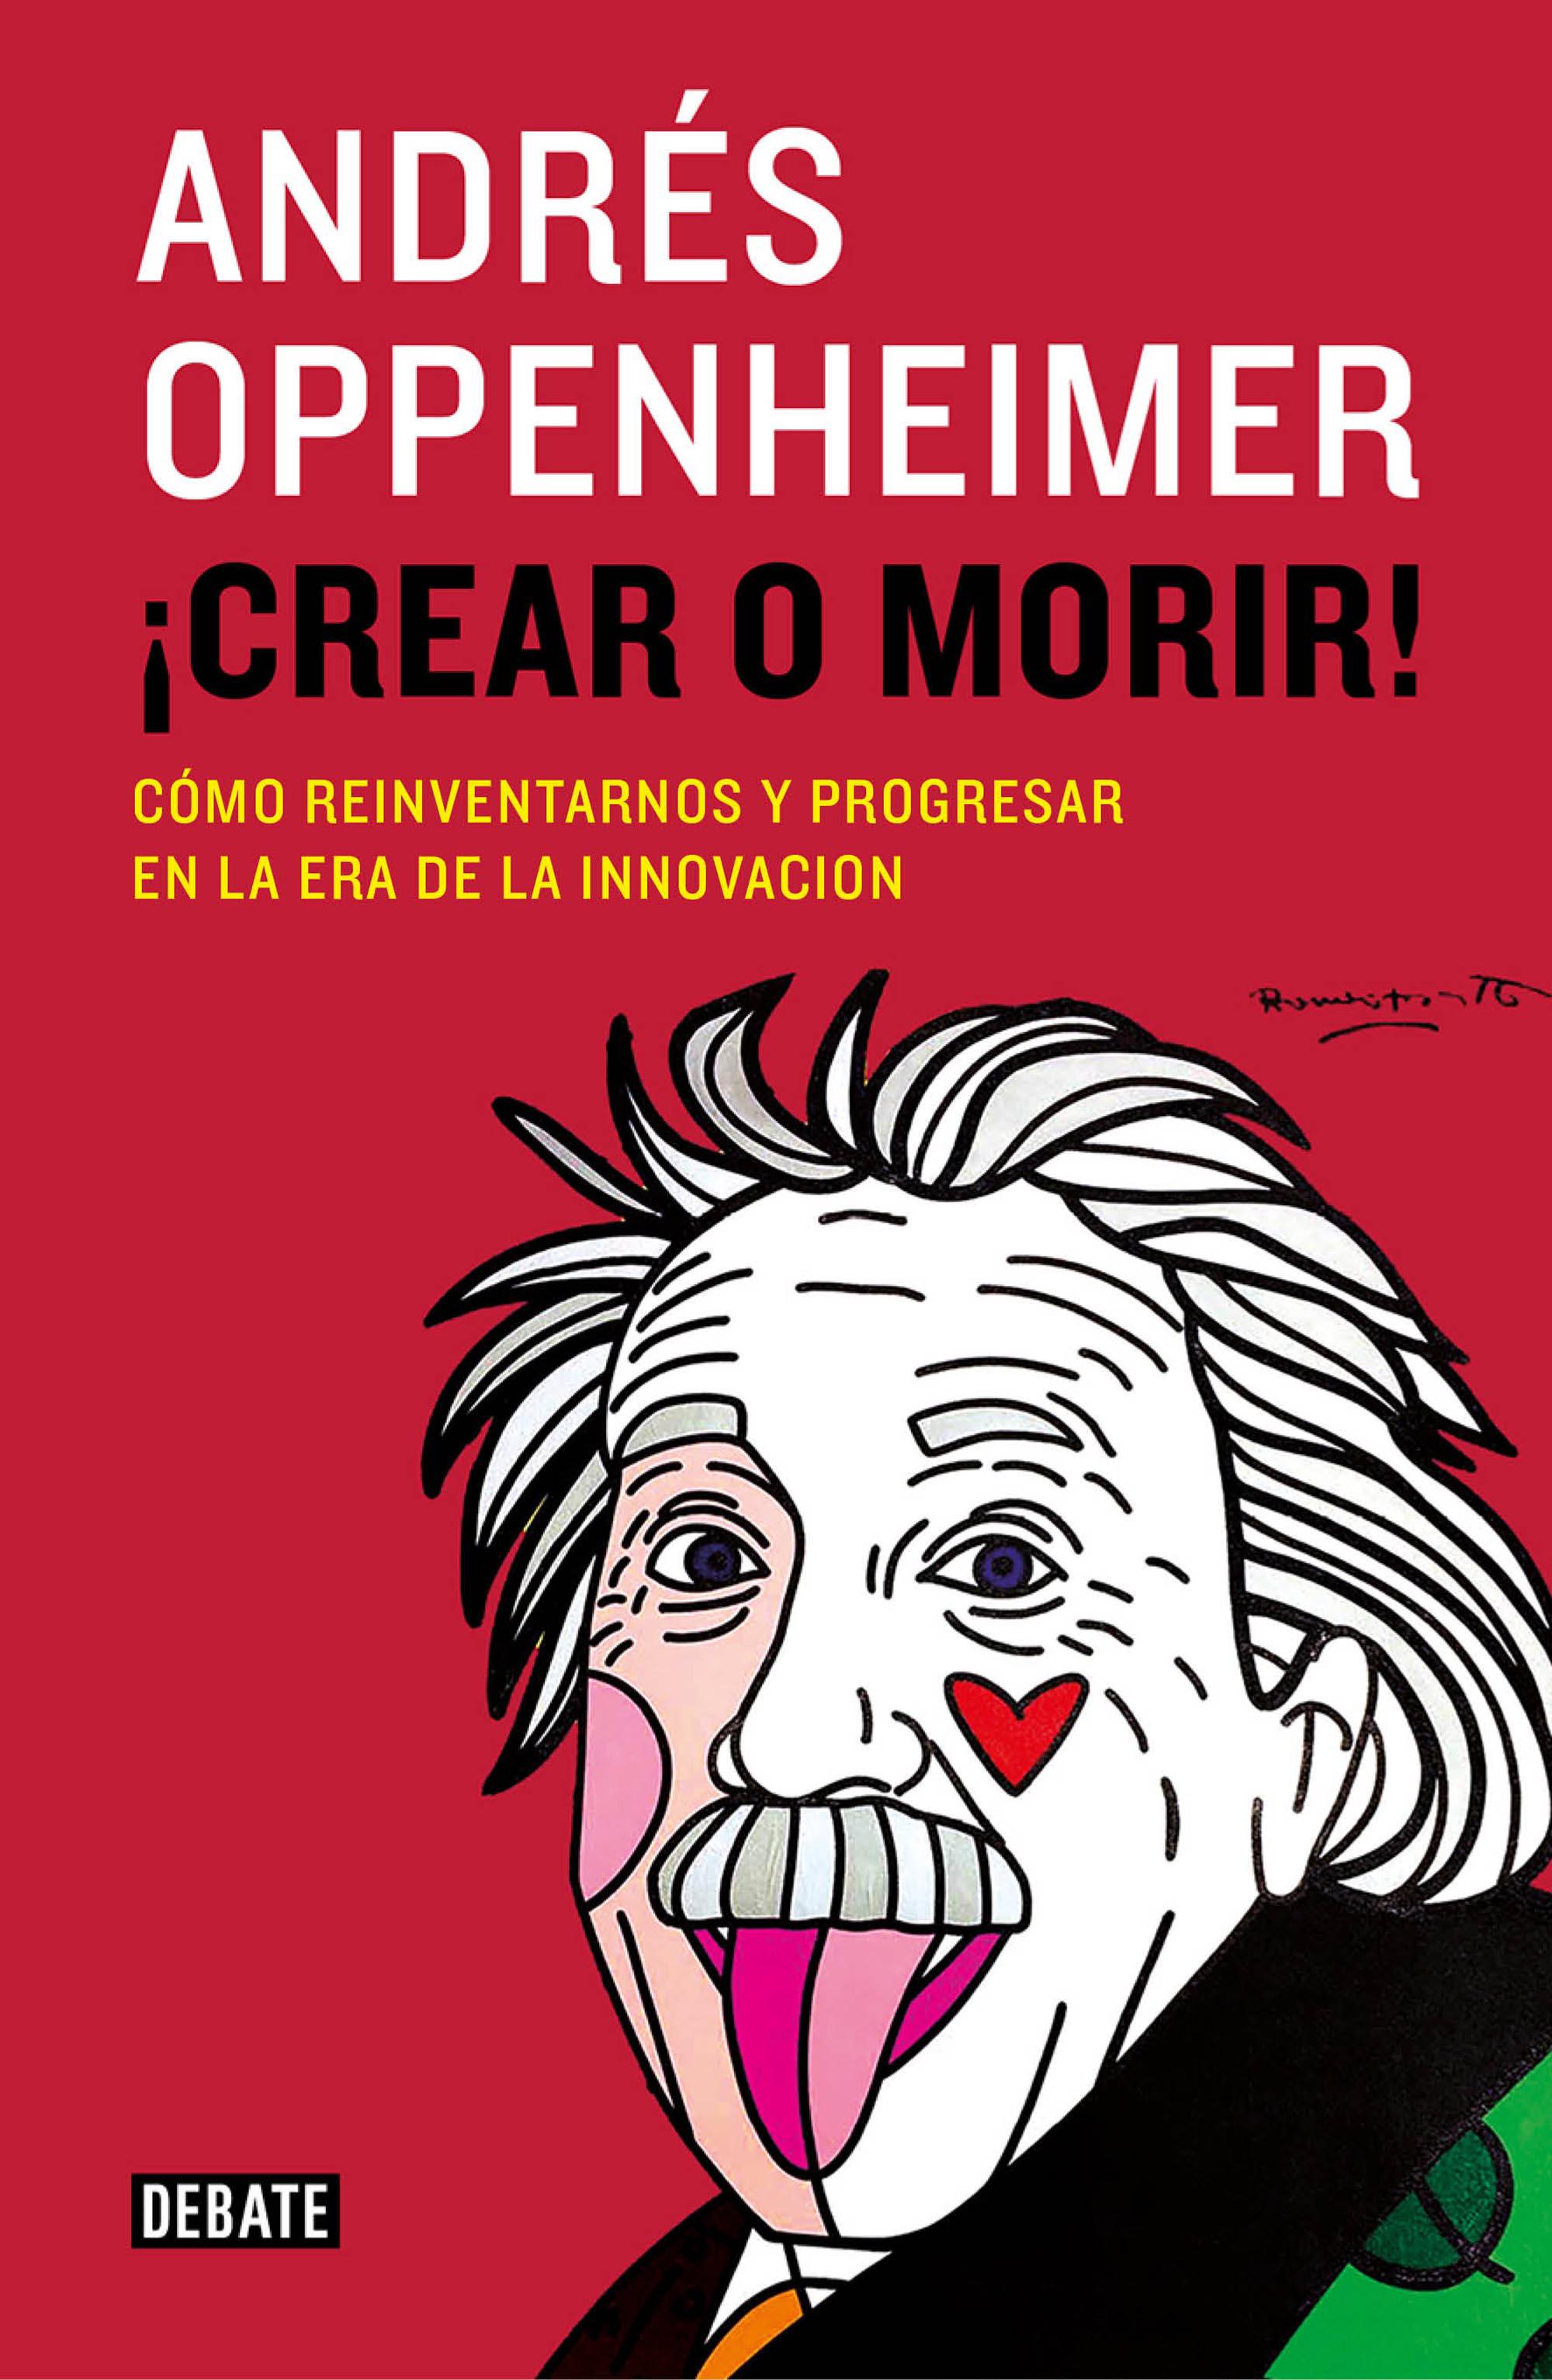 crear_o_morir_andres_oppenheimer